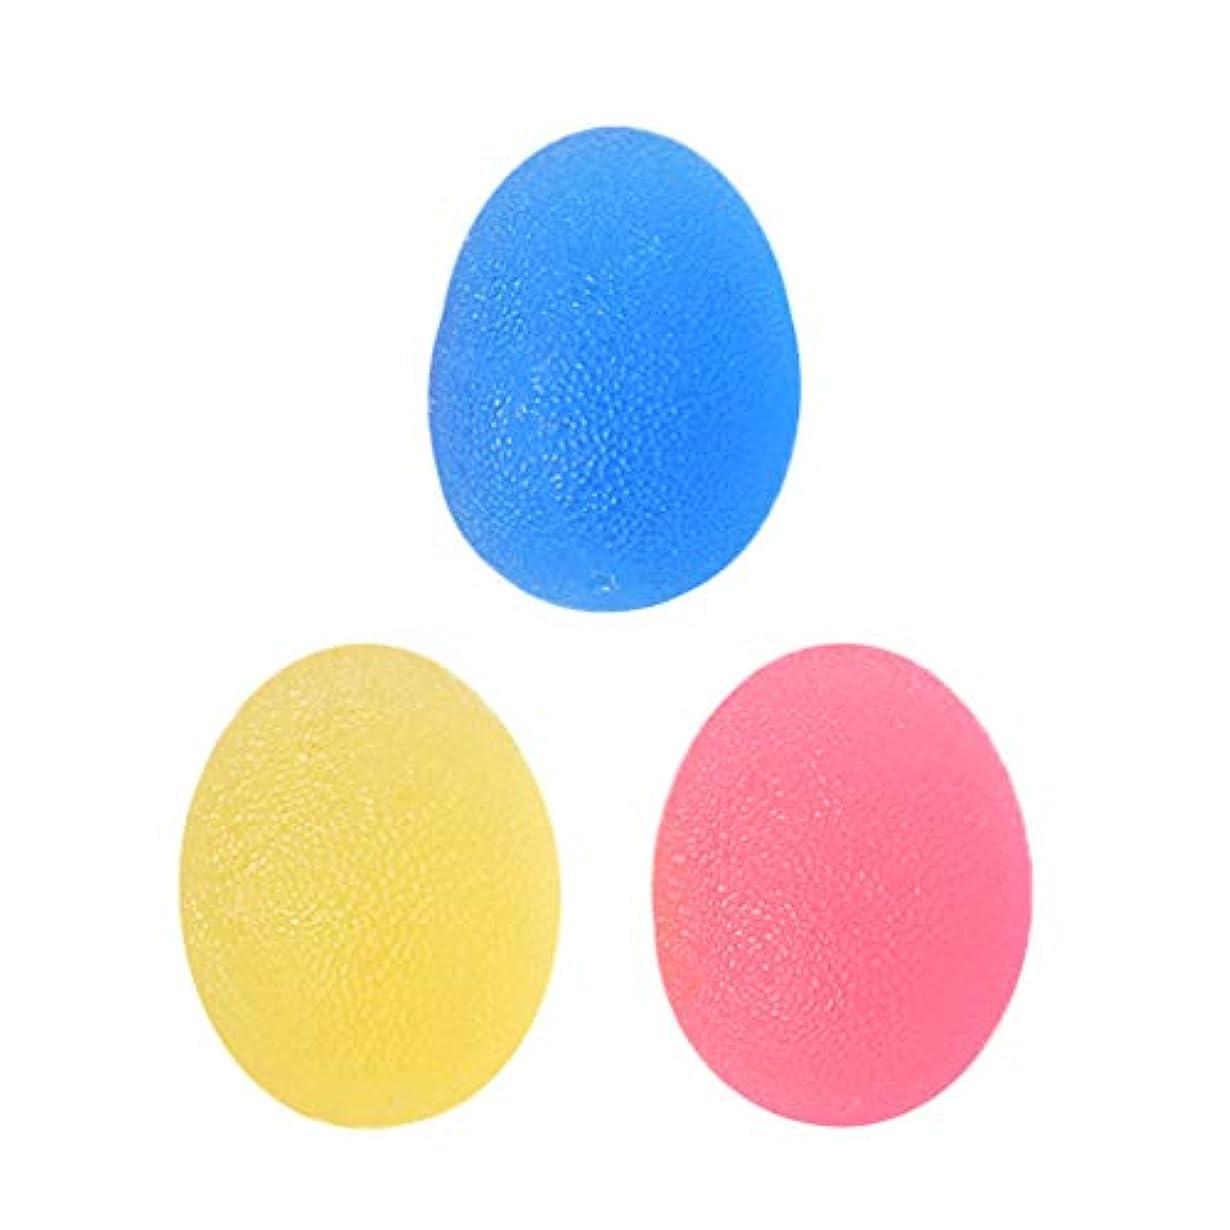 サンプル興奮有益FLAMEER 3個 ハンド スクイズボール エクササイザボール 指 手のひら 運動 グリップ